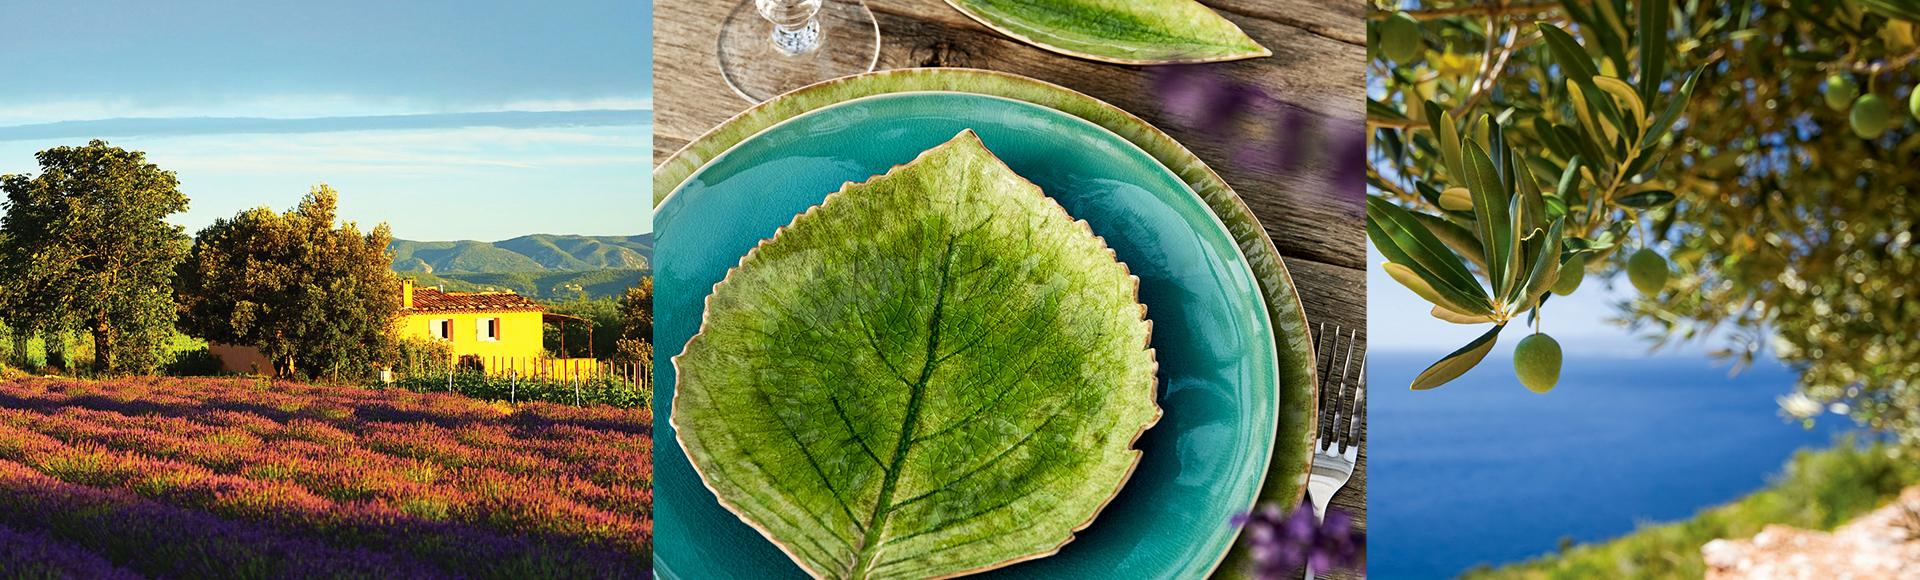 フランスのフラワーアーティスト、クリスチャン・トルチュのプロデュース。地中海のリゾート地リヴィエラの自然にインスパイアされてデザインされたRIVIERAの食器シリーズ。